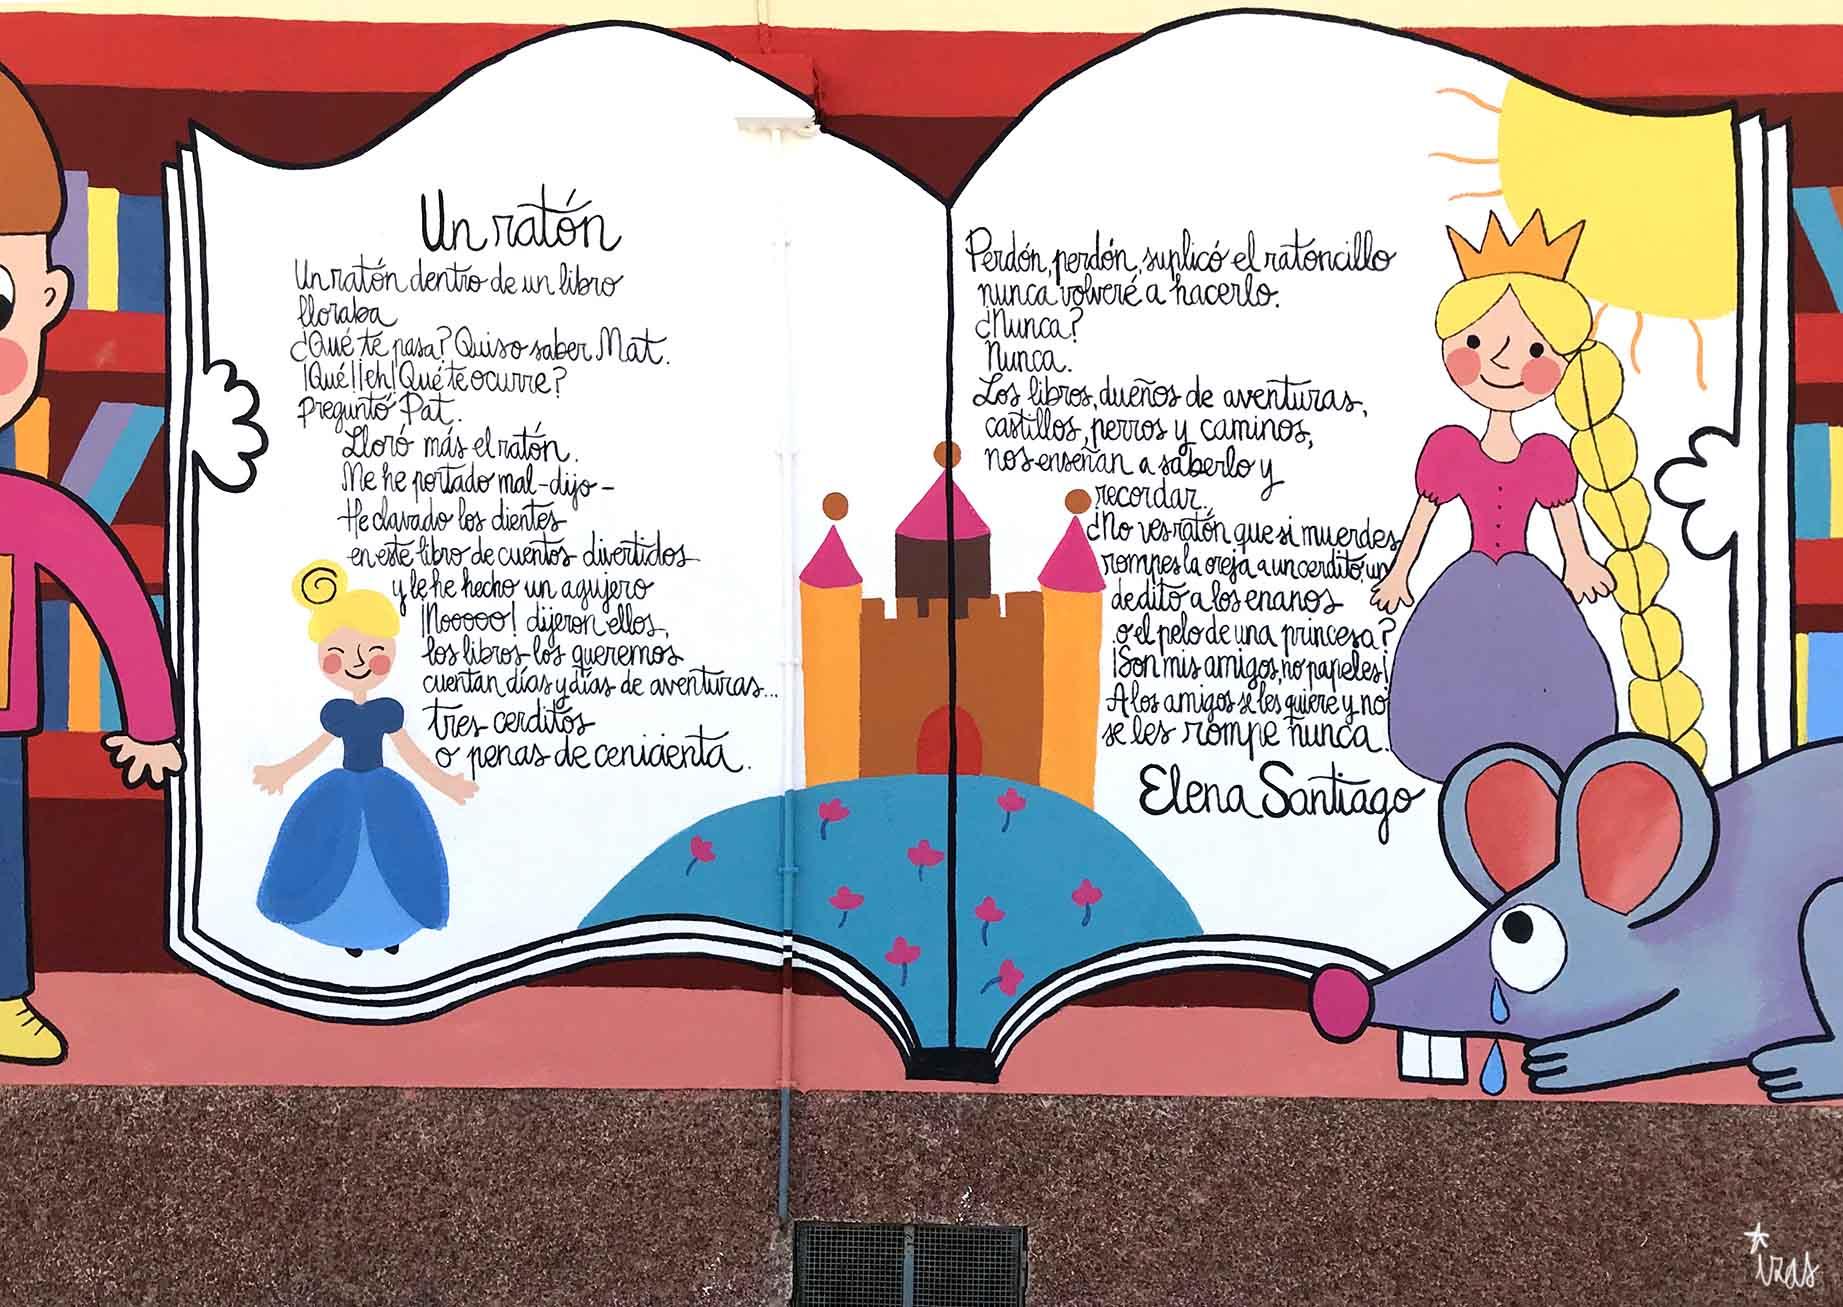 mural izas dibujando la palabra león 5